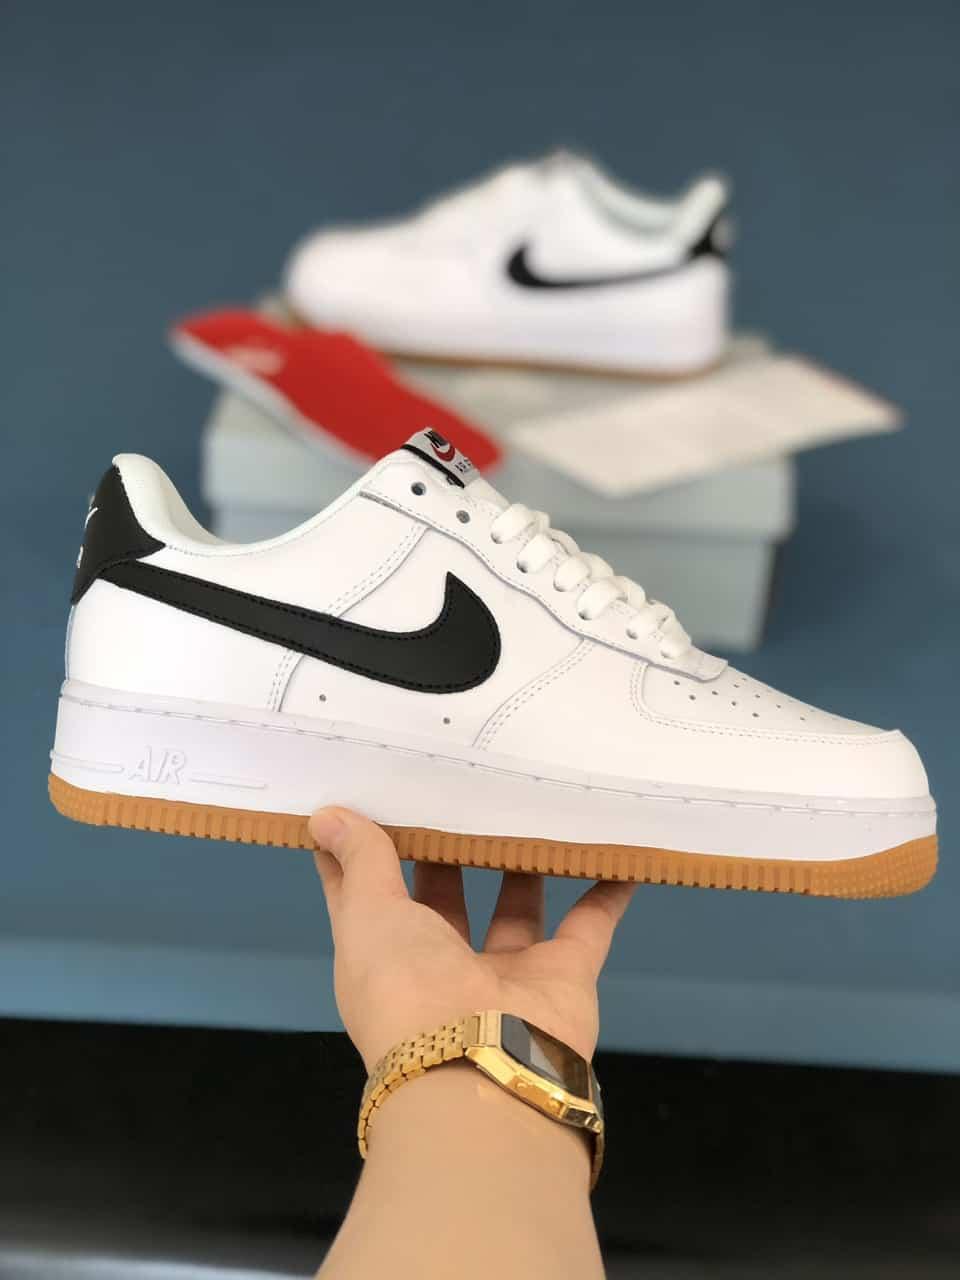 Giày Nike Air Force 1 đế Nâu rep 1:1 có hình ảnh dấu Swoosh màu Đen bắt mắt